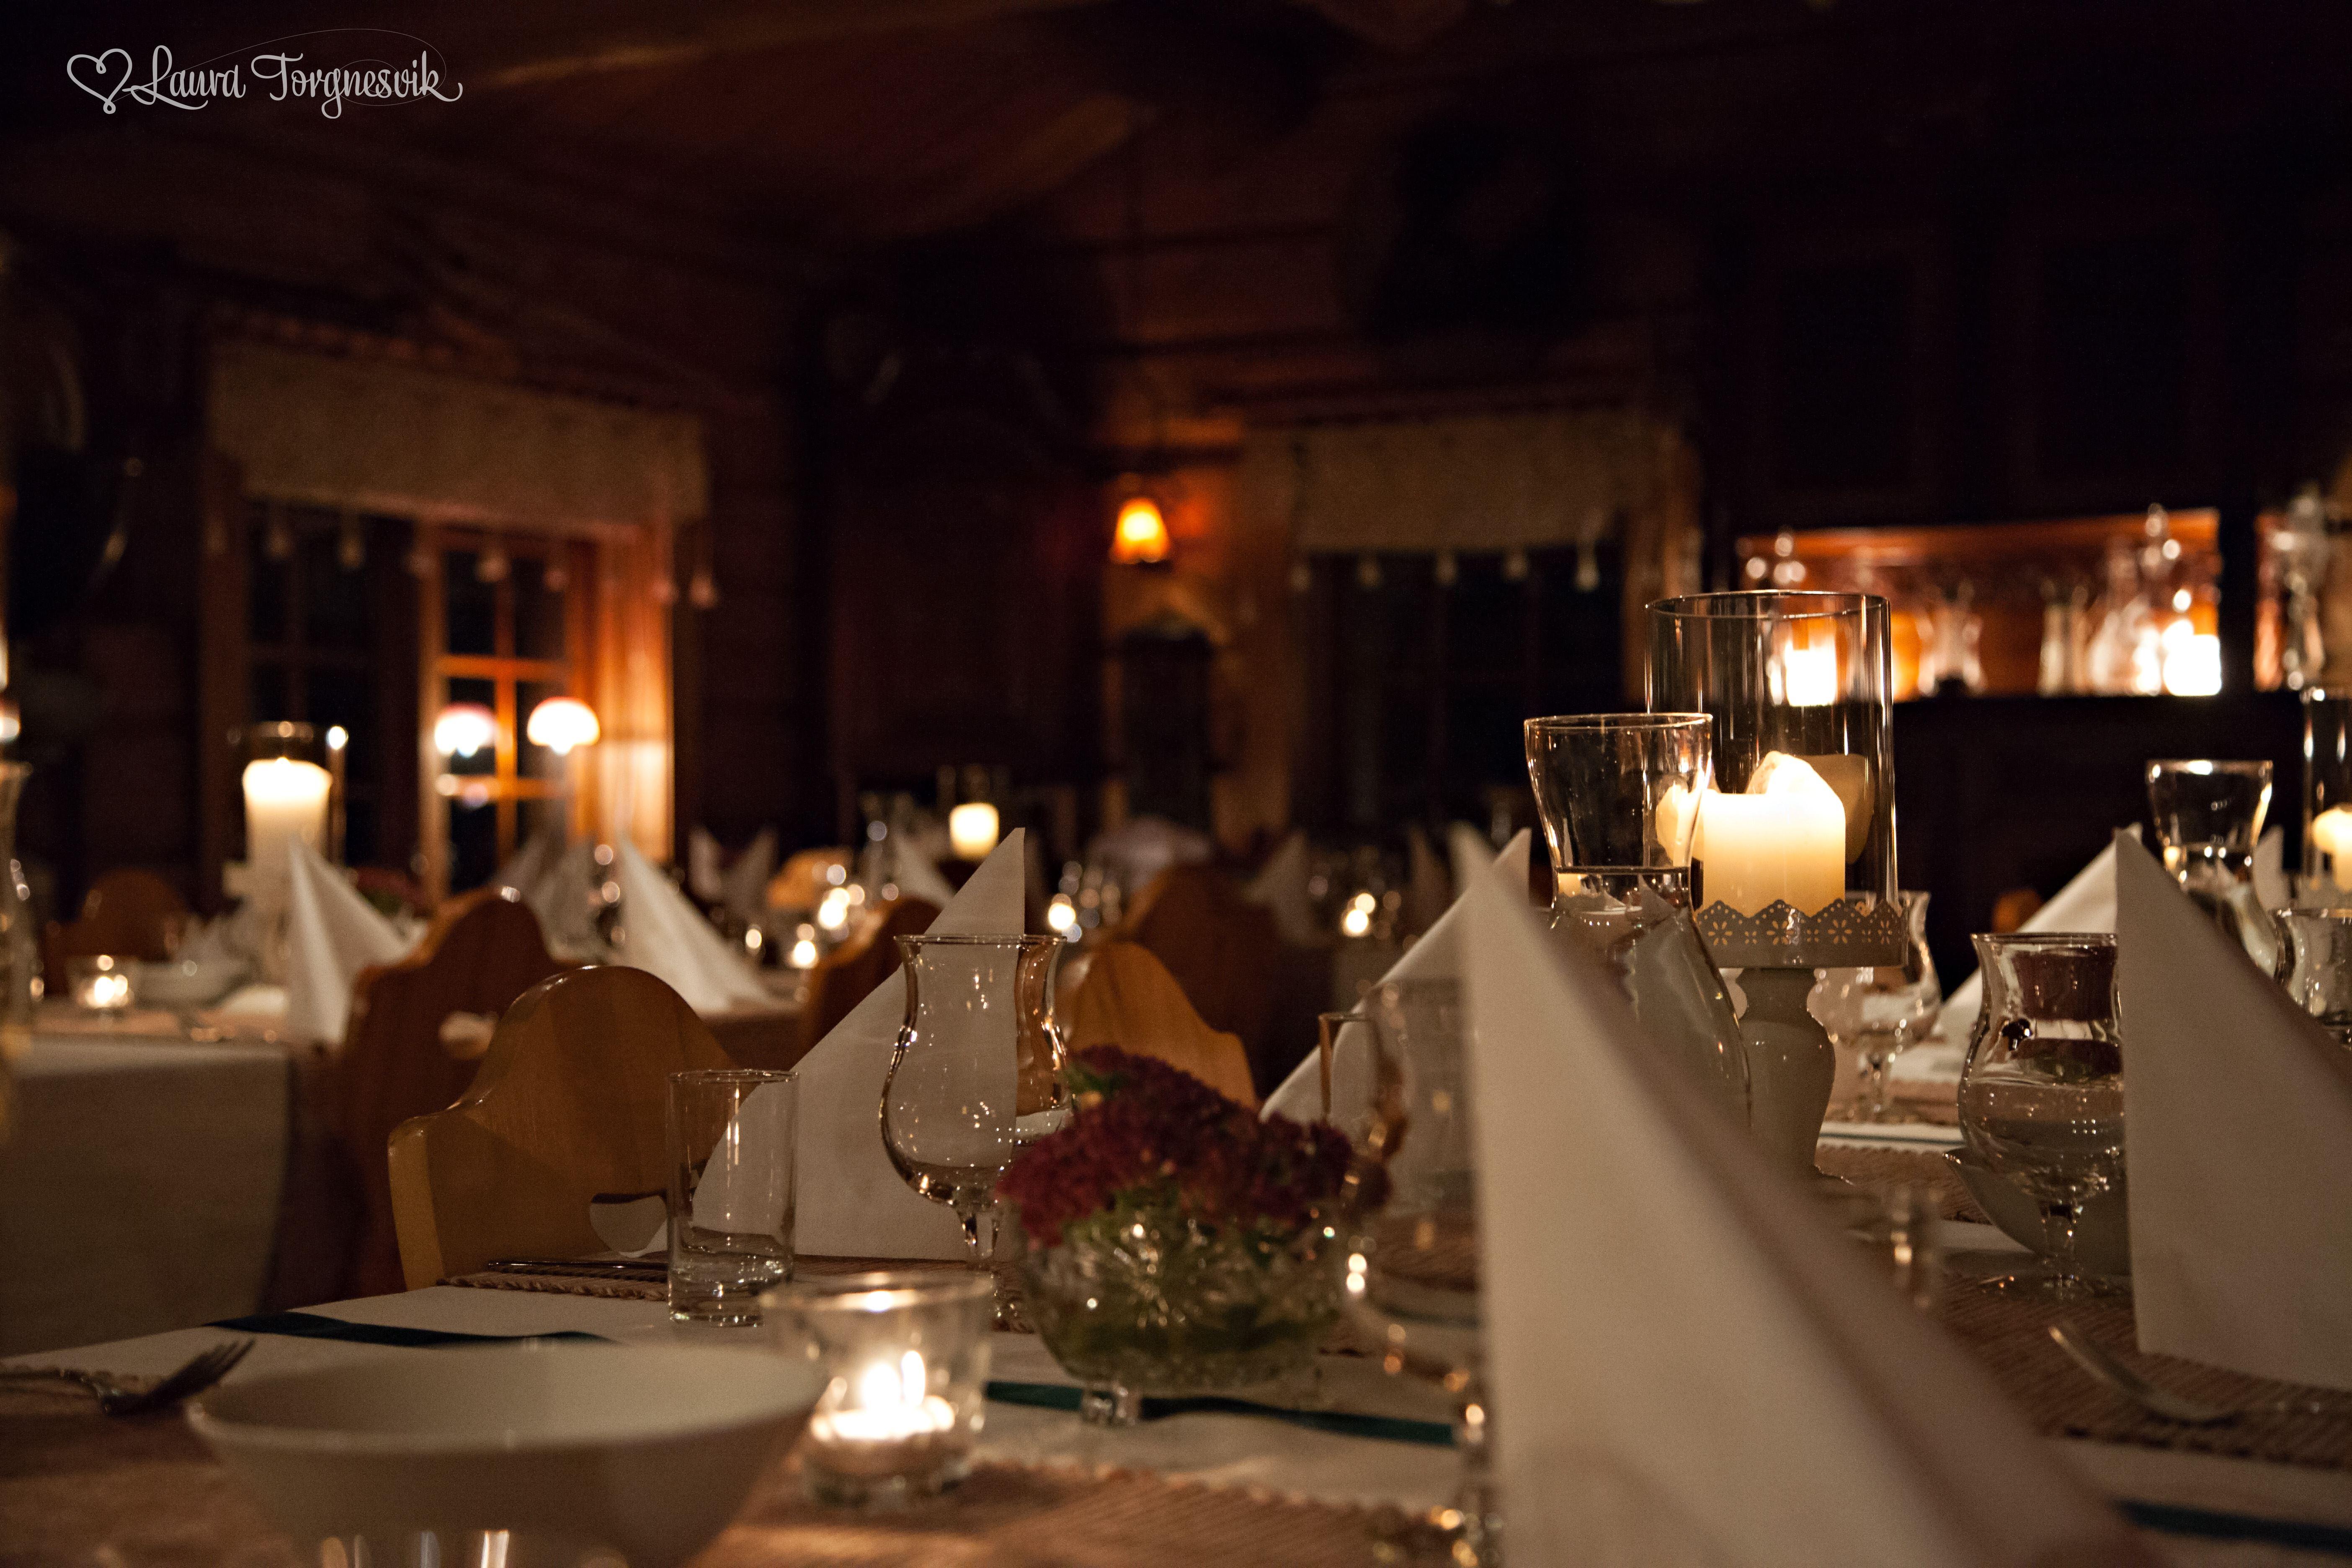 © Hildurs Urterarium, Hildurs Urterarium - Restaurant Sagastua